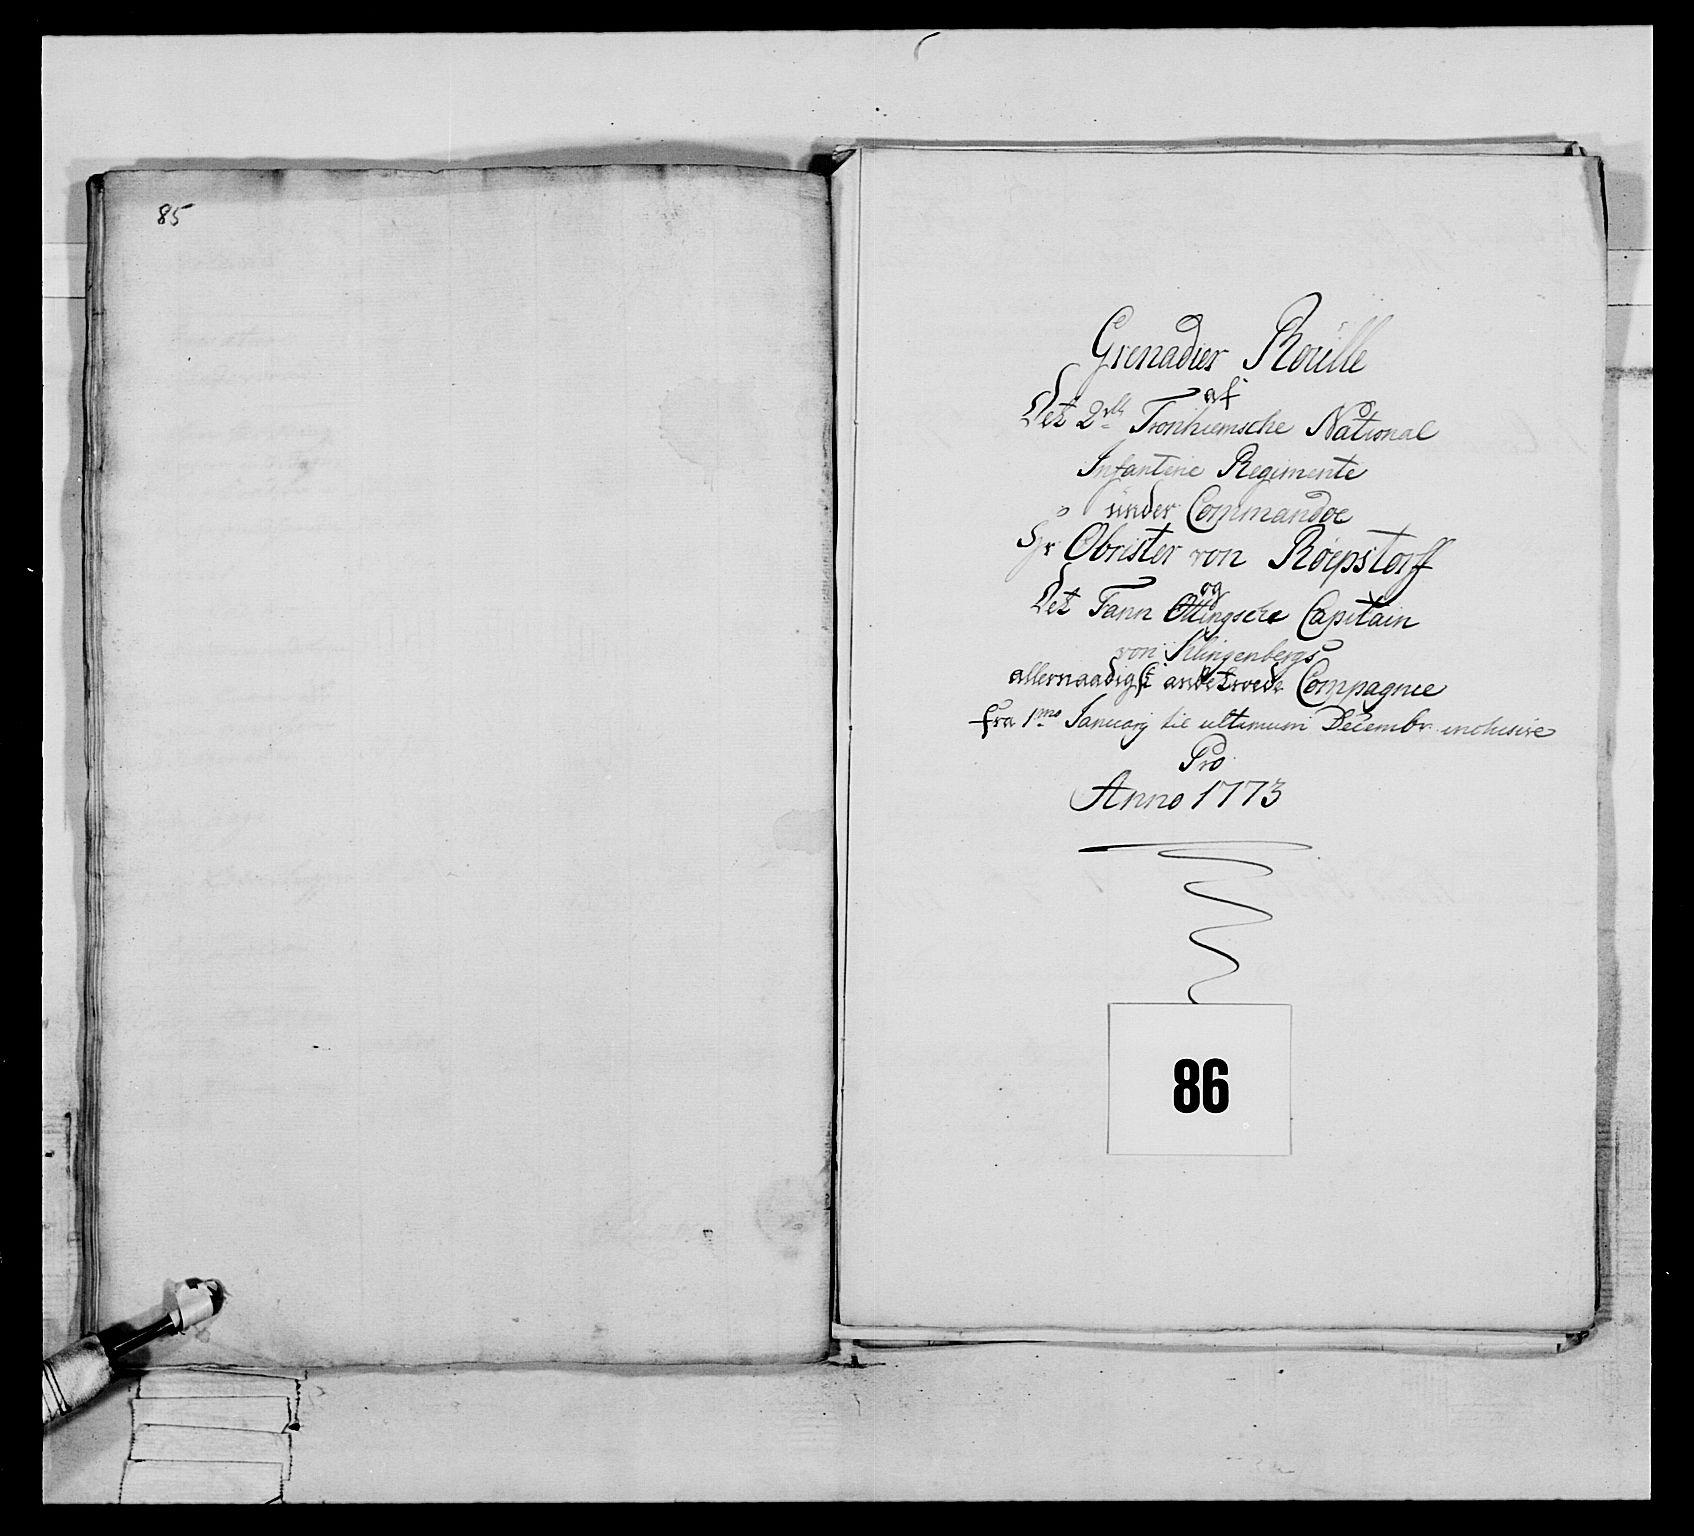 RA, Generalitets- og kommissariatskollegiet, Det kongelige norske kommissariatskollegium, E/Eh/L0076: 2. Trondheimske nasjonale infanteriregiment, 1766-1773, s. 489